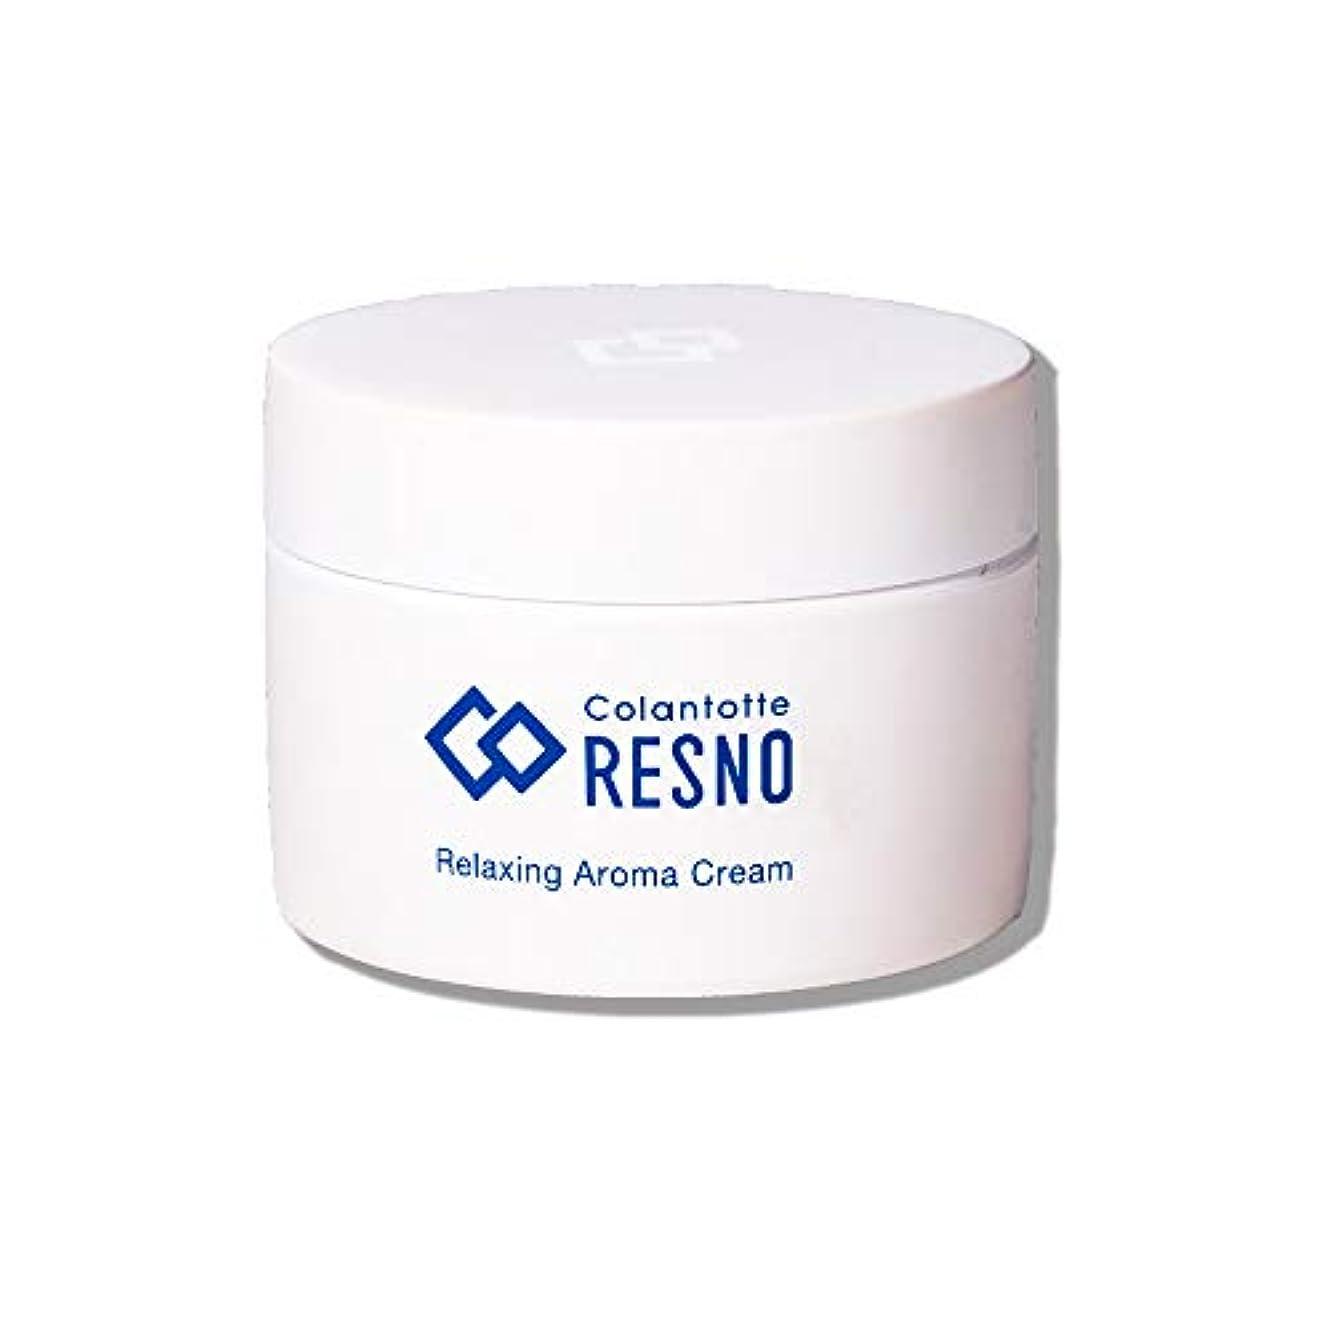 レポートを書くのホスト最大コラントッテ RESNO リラクシング アロマ クリーム 50g colantotte RELAXING AROMA CREAM ボディクリーム